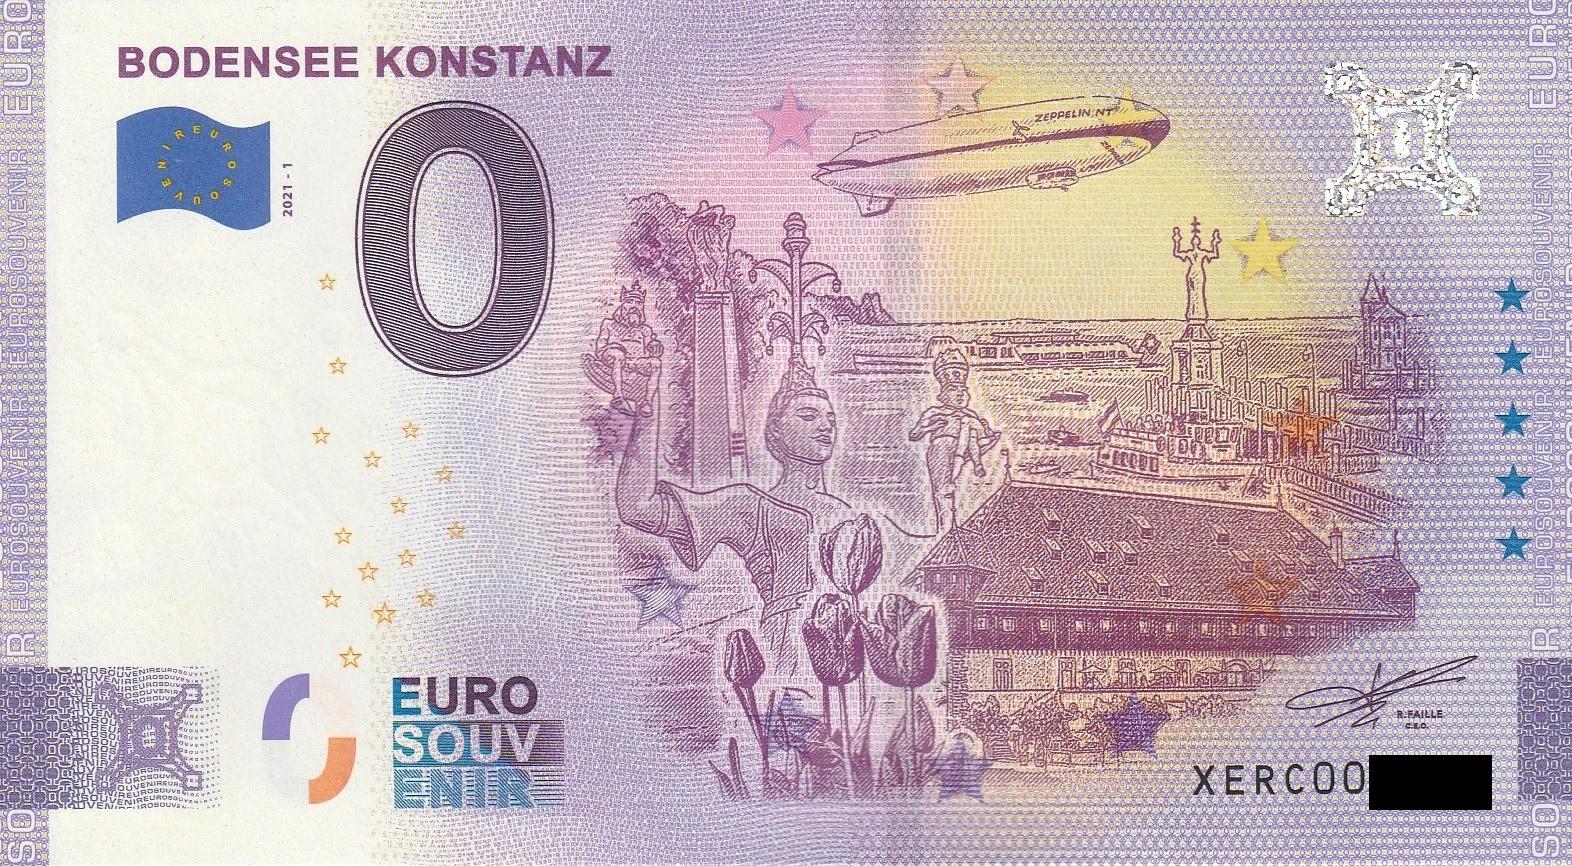 0 Euro Schein - Bodensee Konstanz 2021-1 XERC - OttoGbR ...